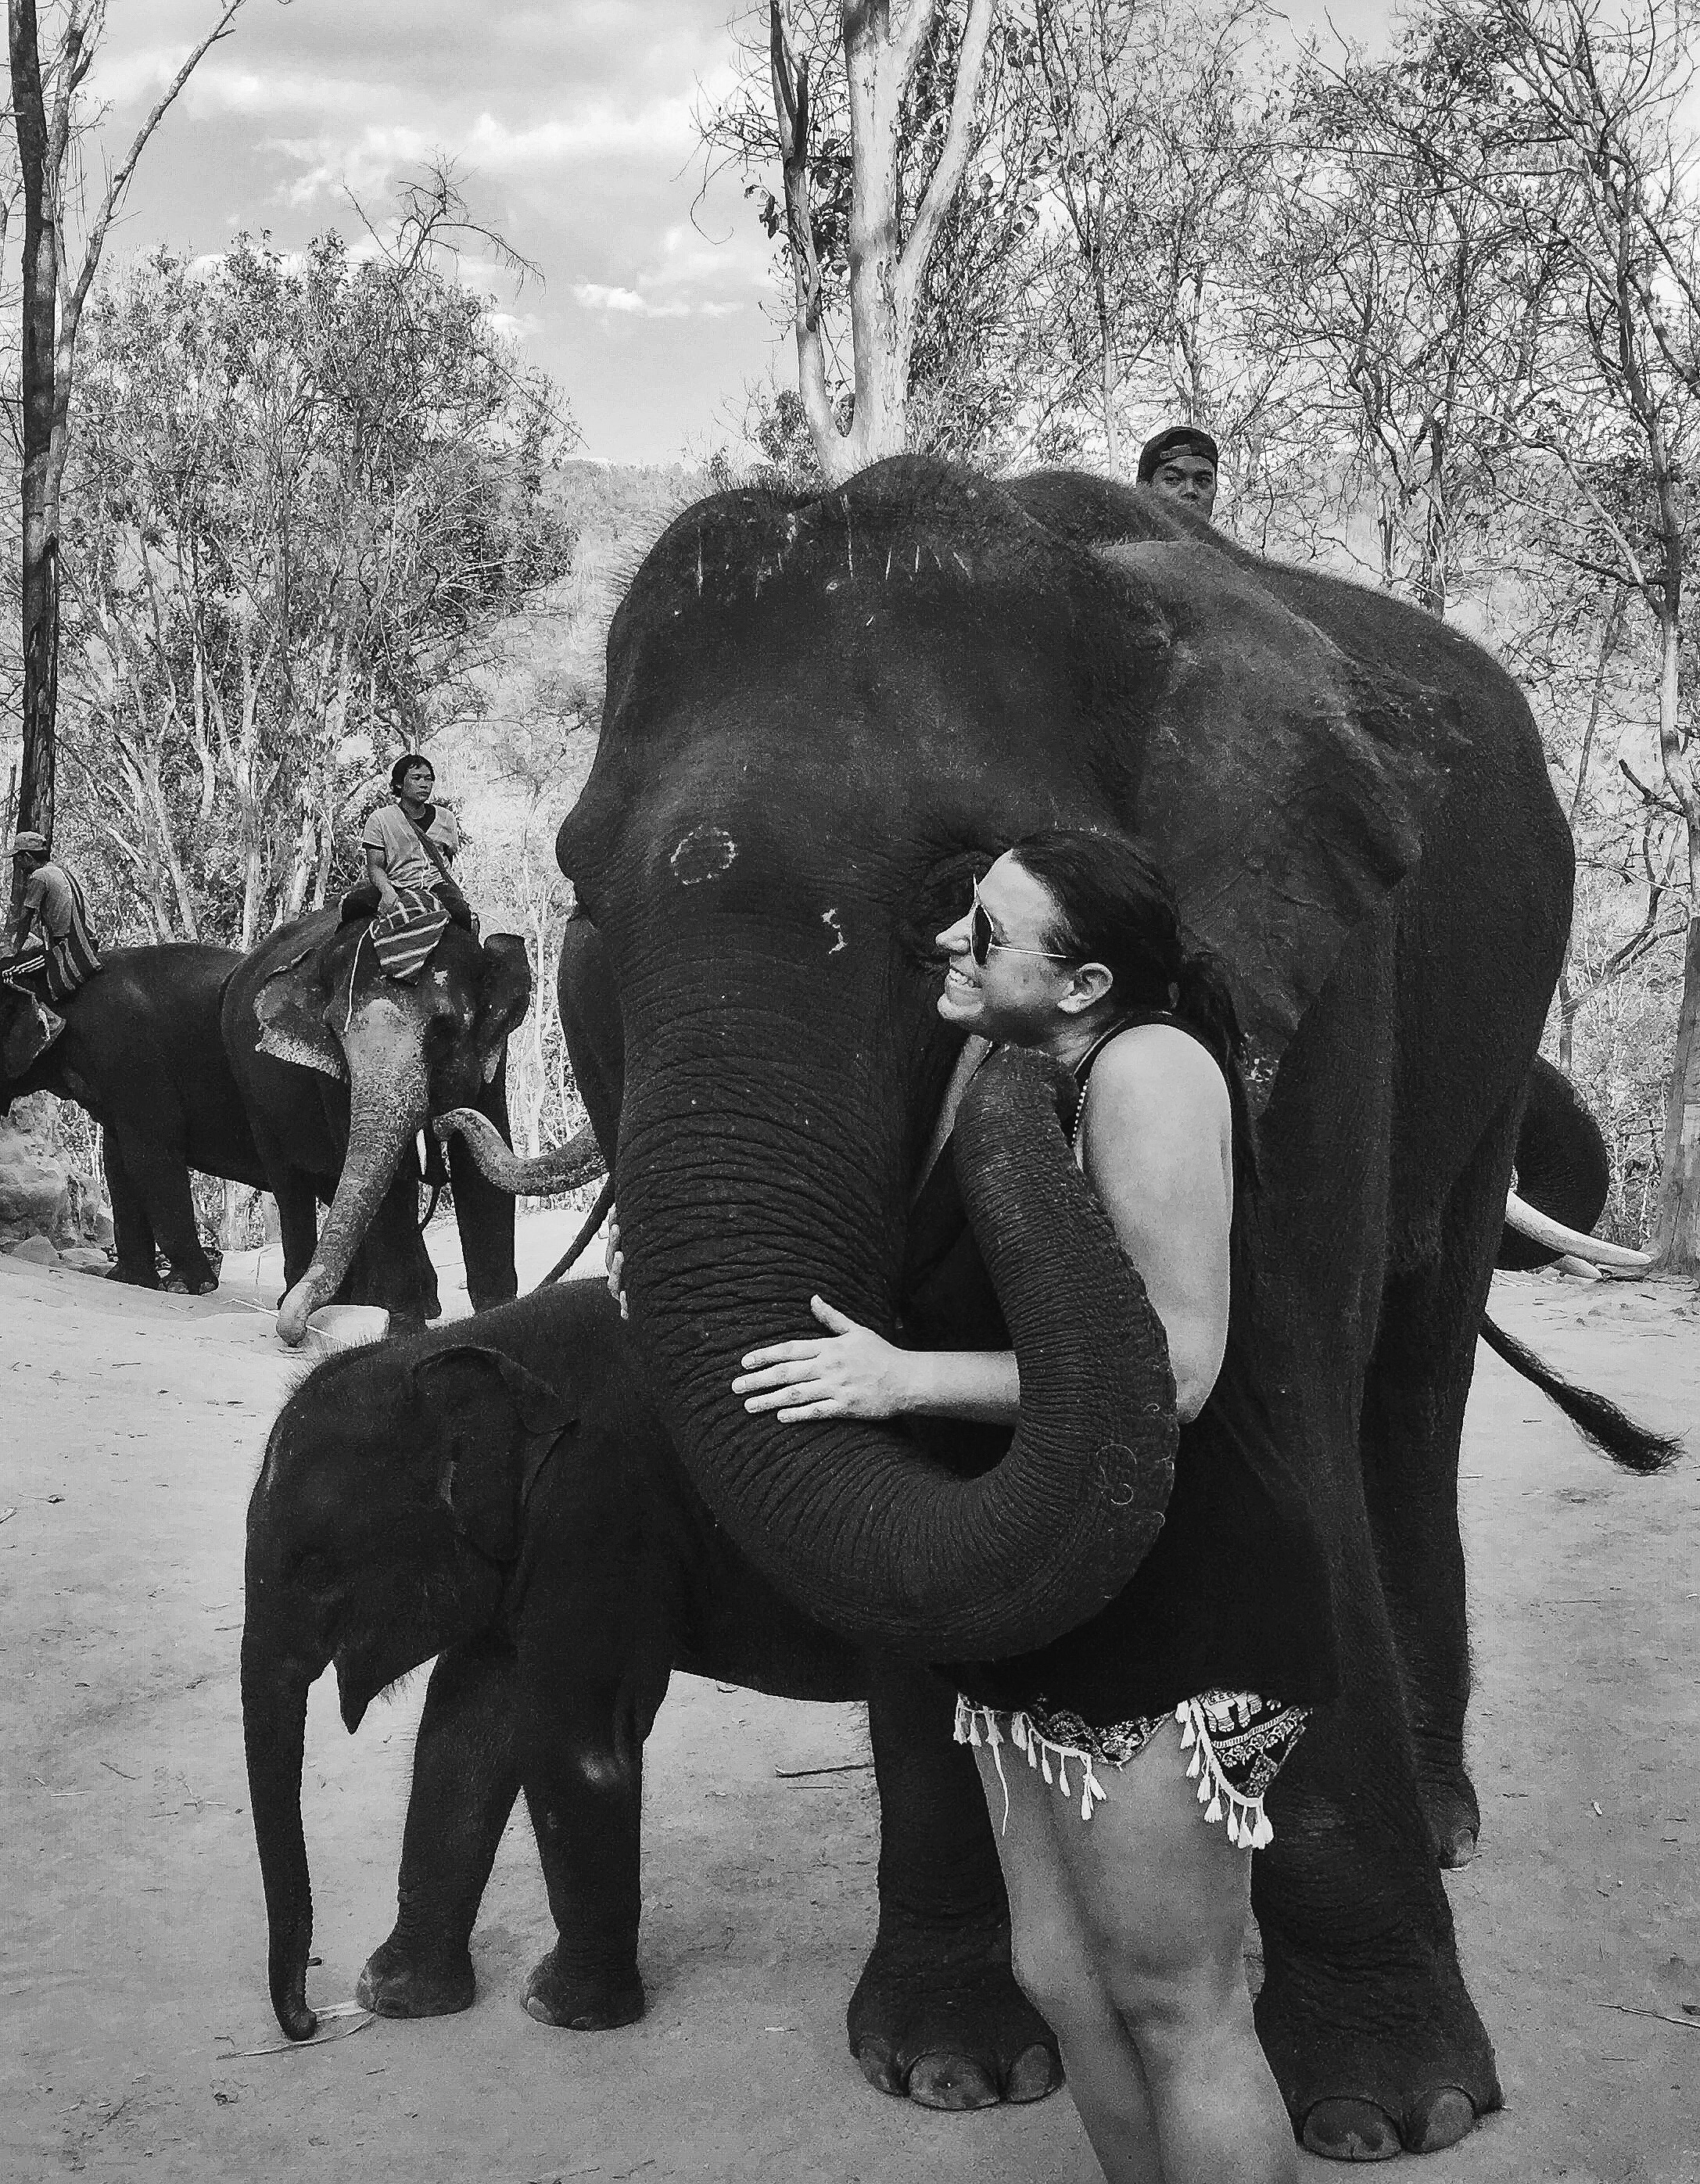 elephant_blog-41.jpg